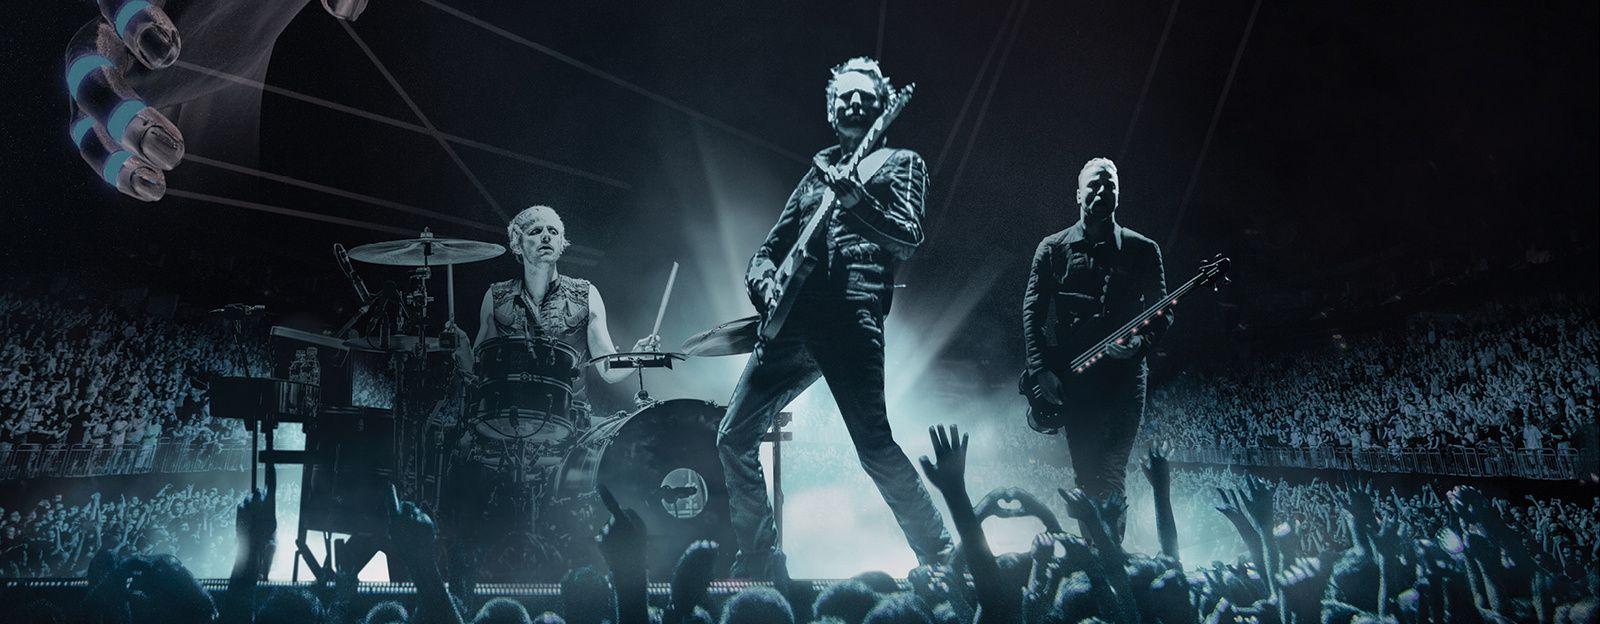 Muse : Drones World Tour (BANDE-ANNONCE) Au cinéma le 12 juillet 2018 à 20 heures